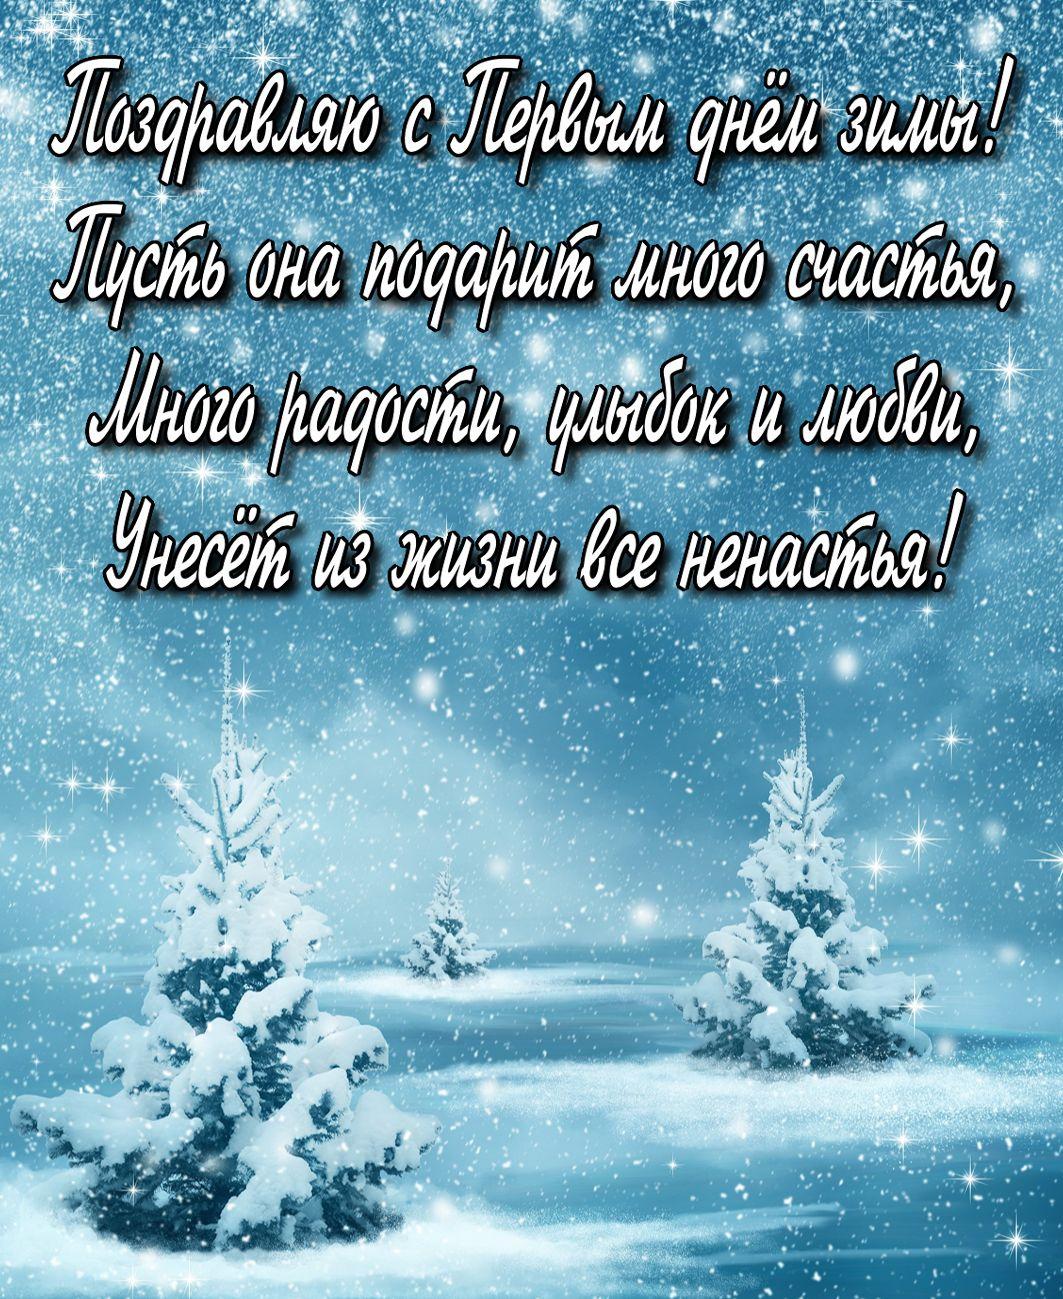 Матвейке, открытки с первым днем зимы со стихами